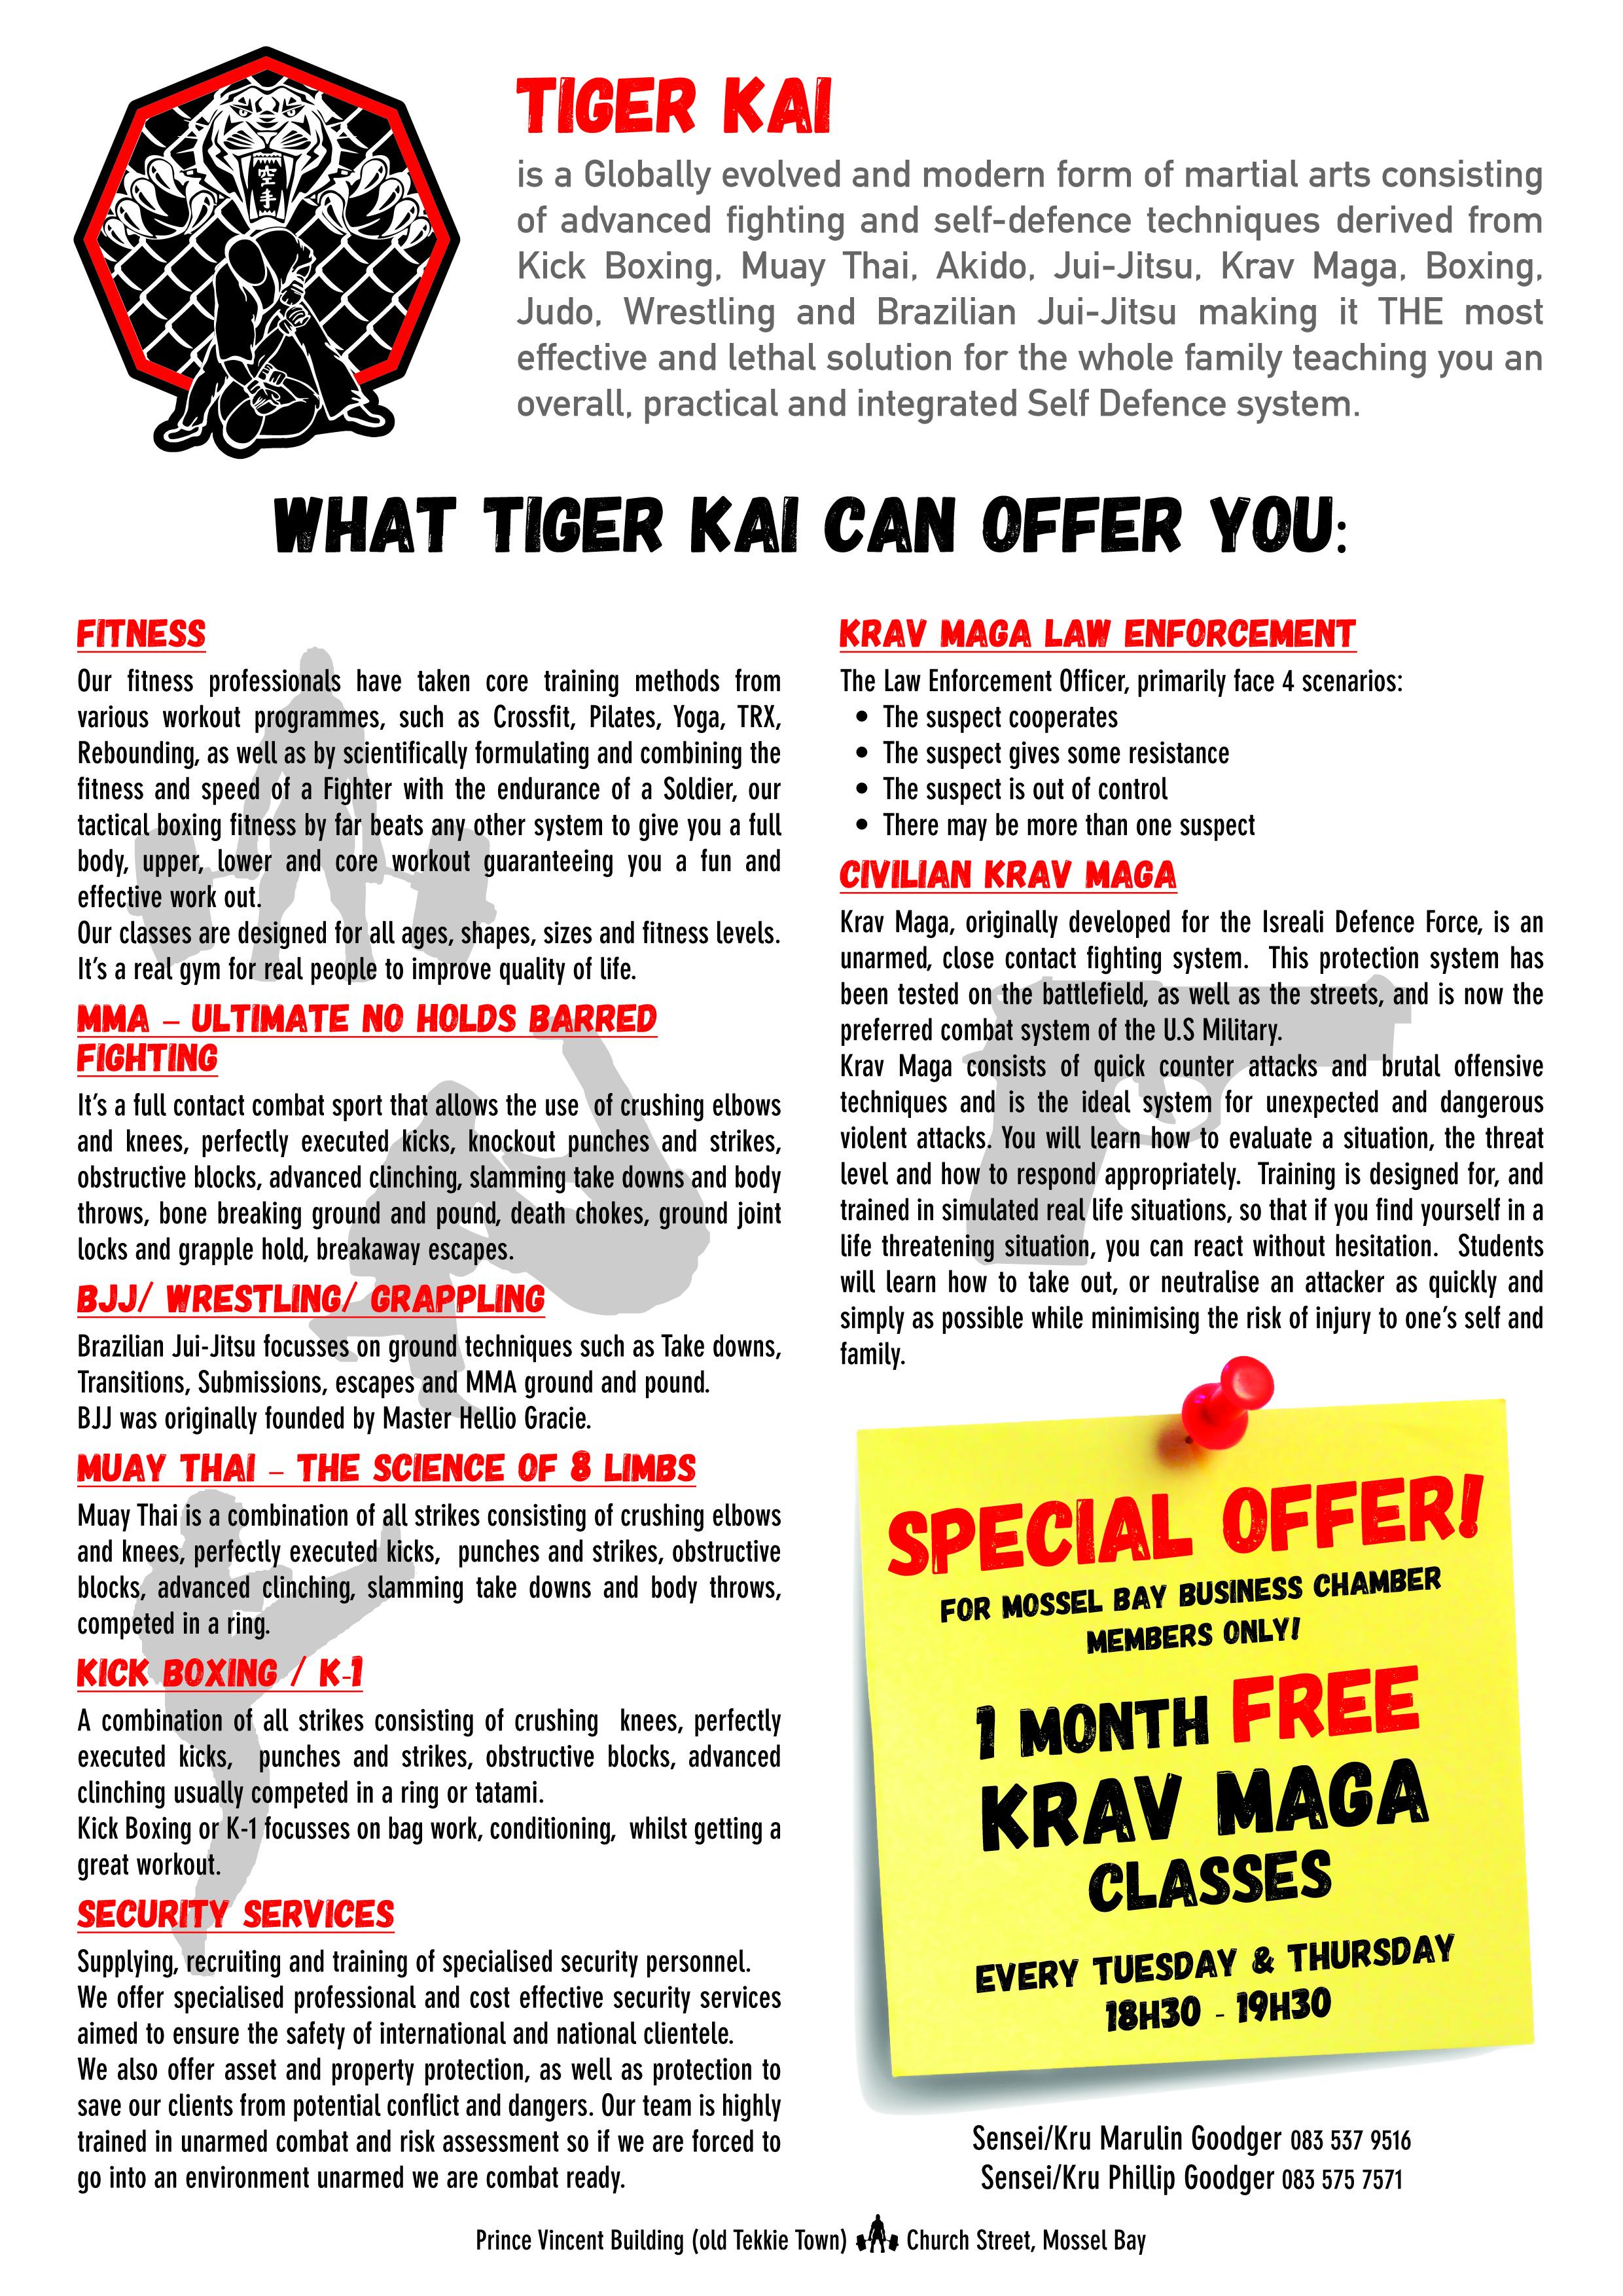 TigerKai_flyer_buschamber